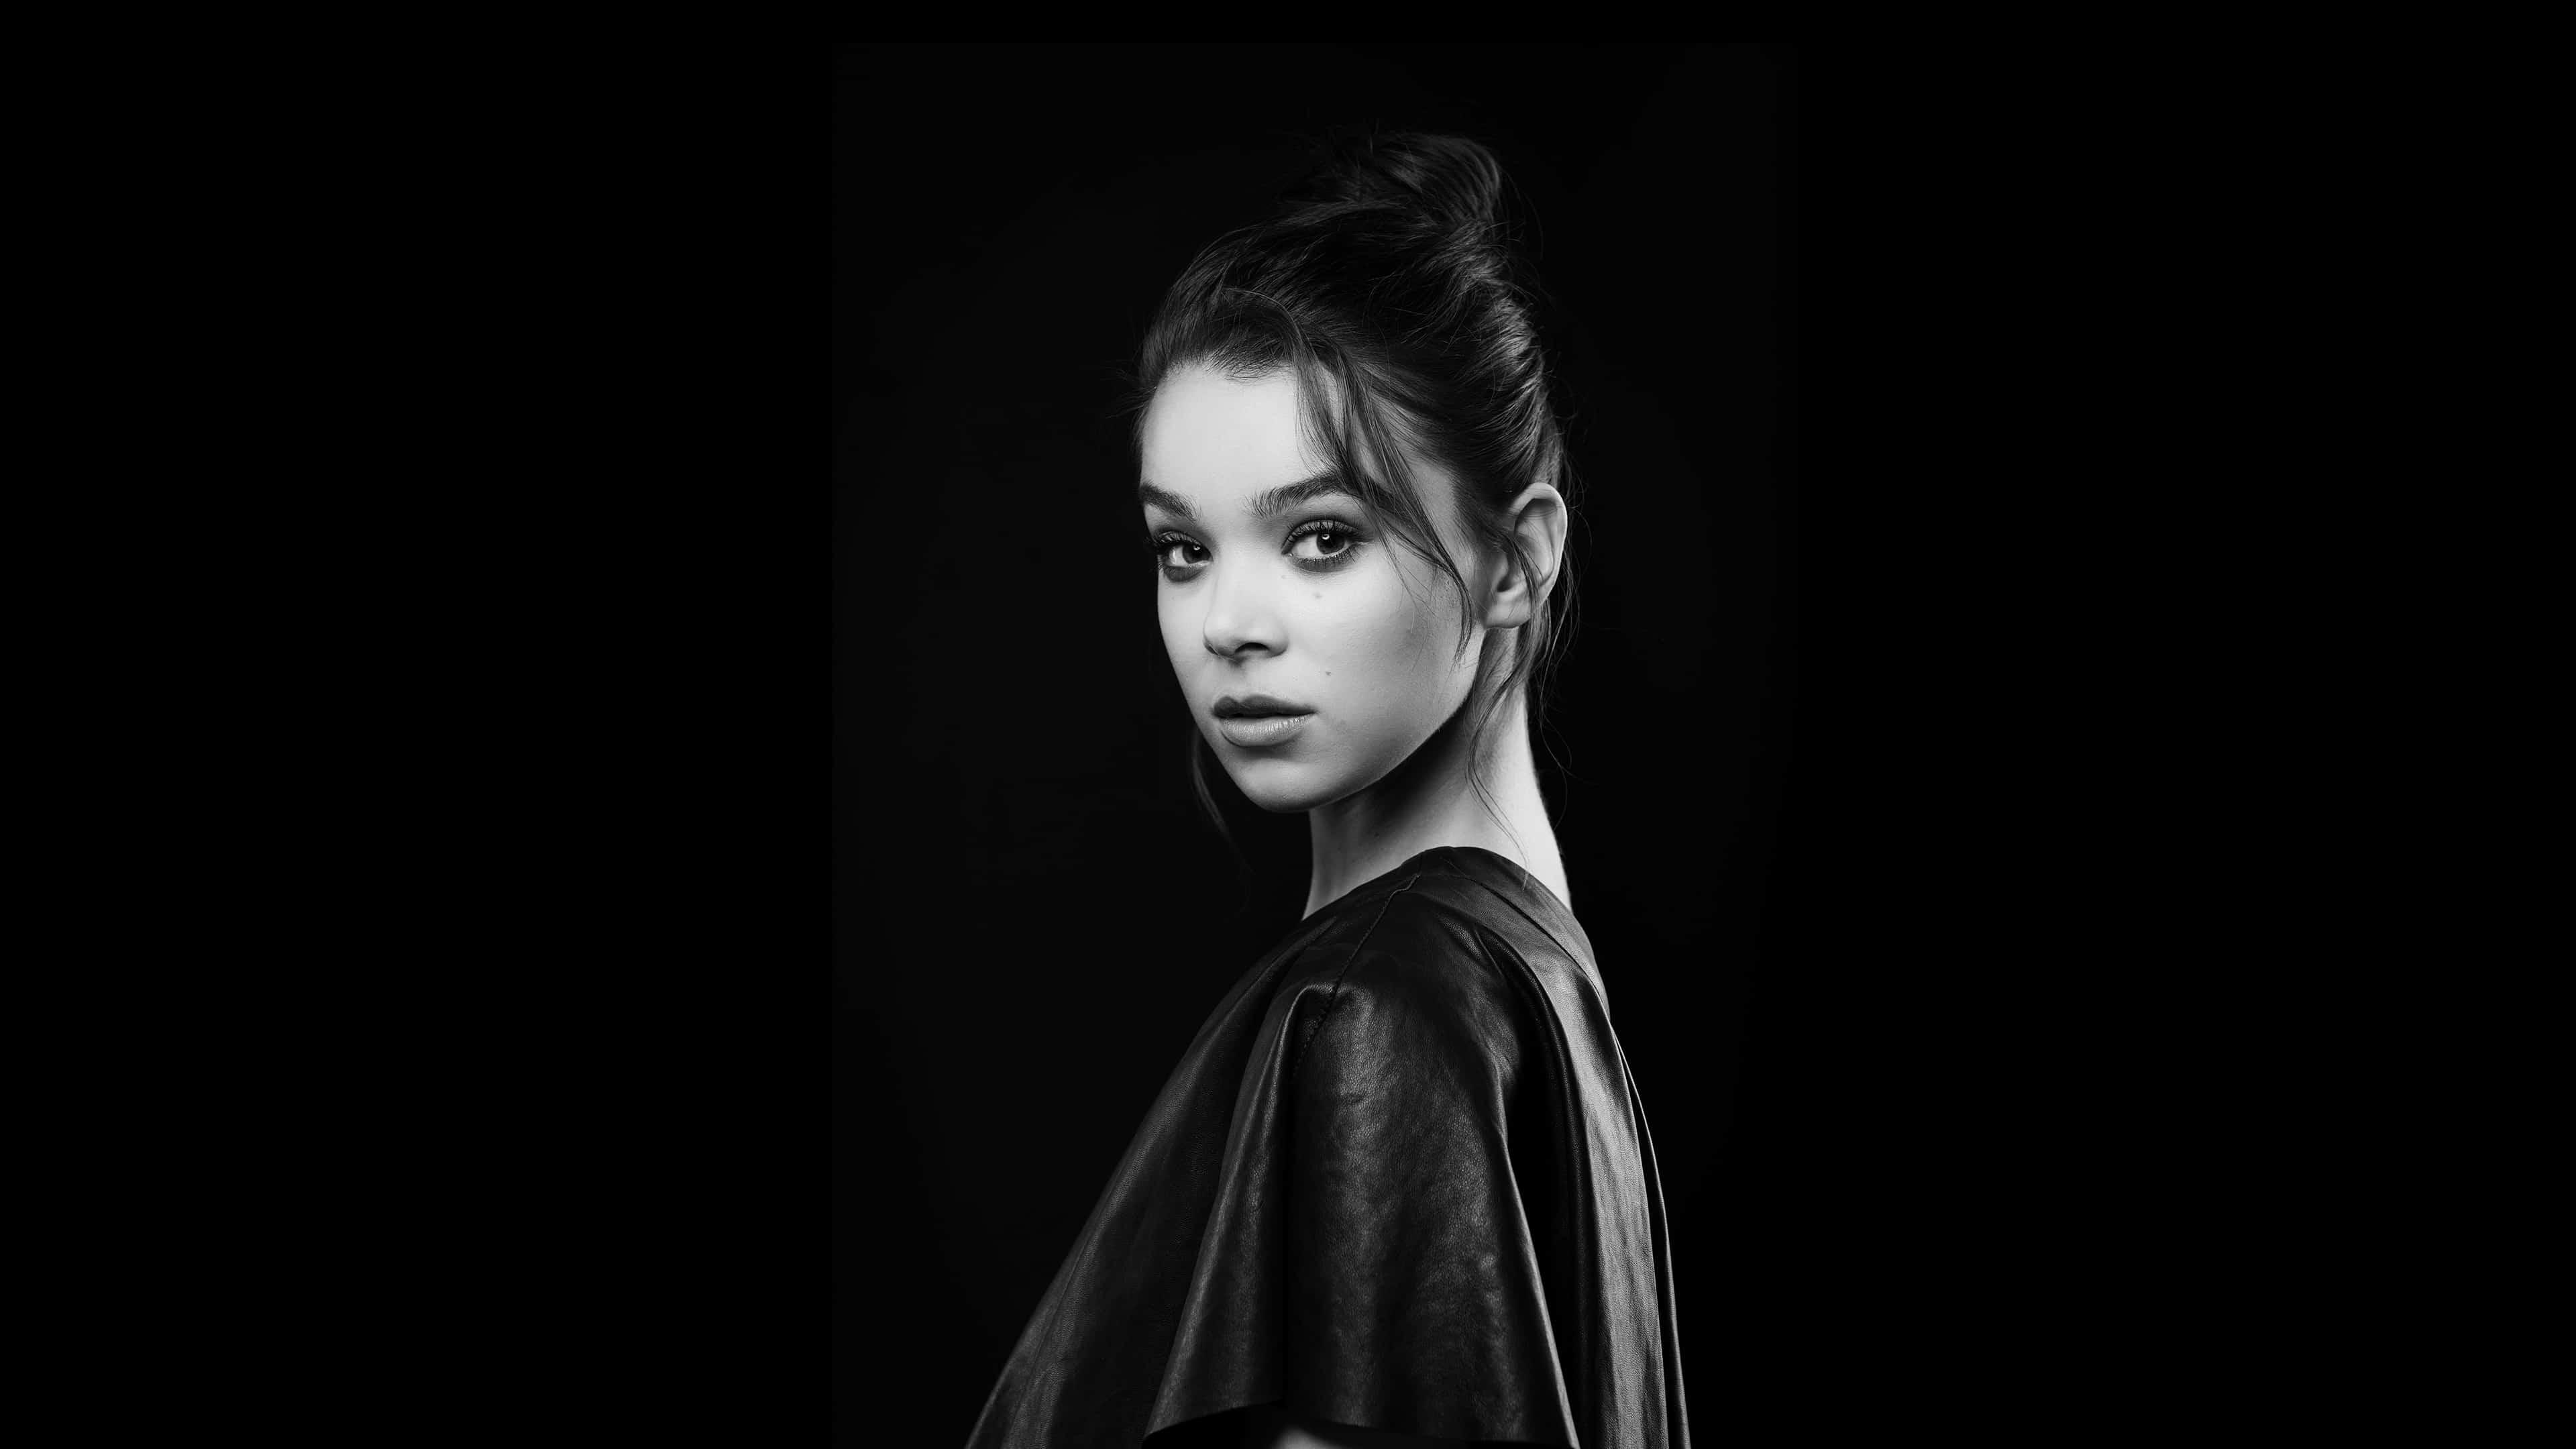 hailee steinfeld portrait uhd 4k wallpaper